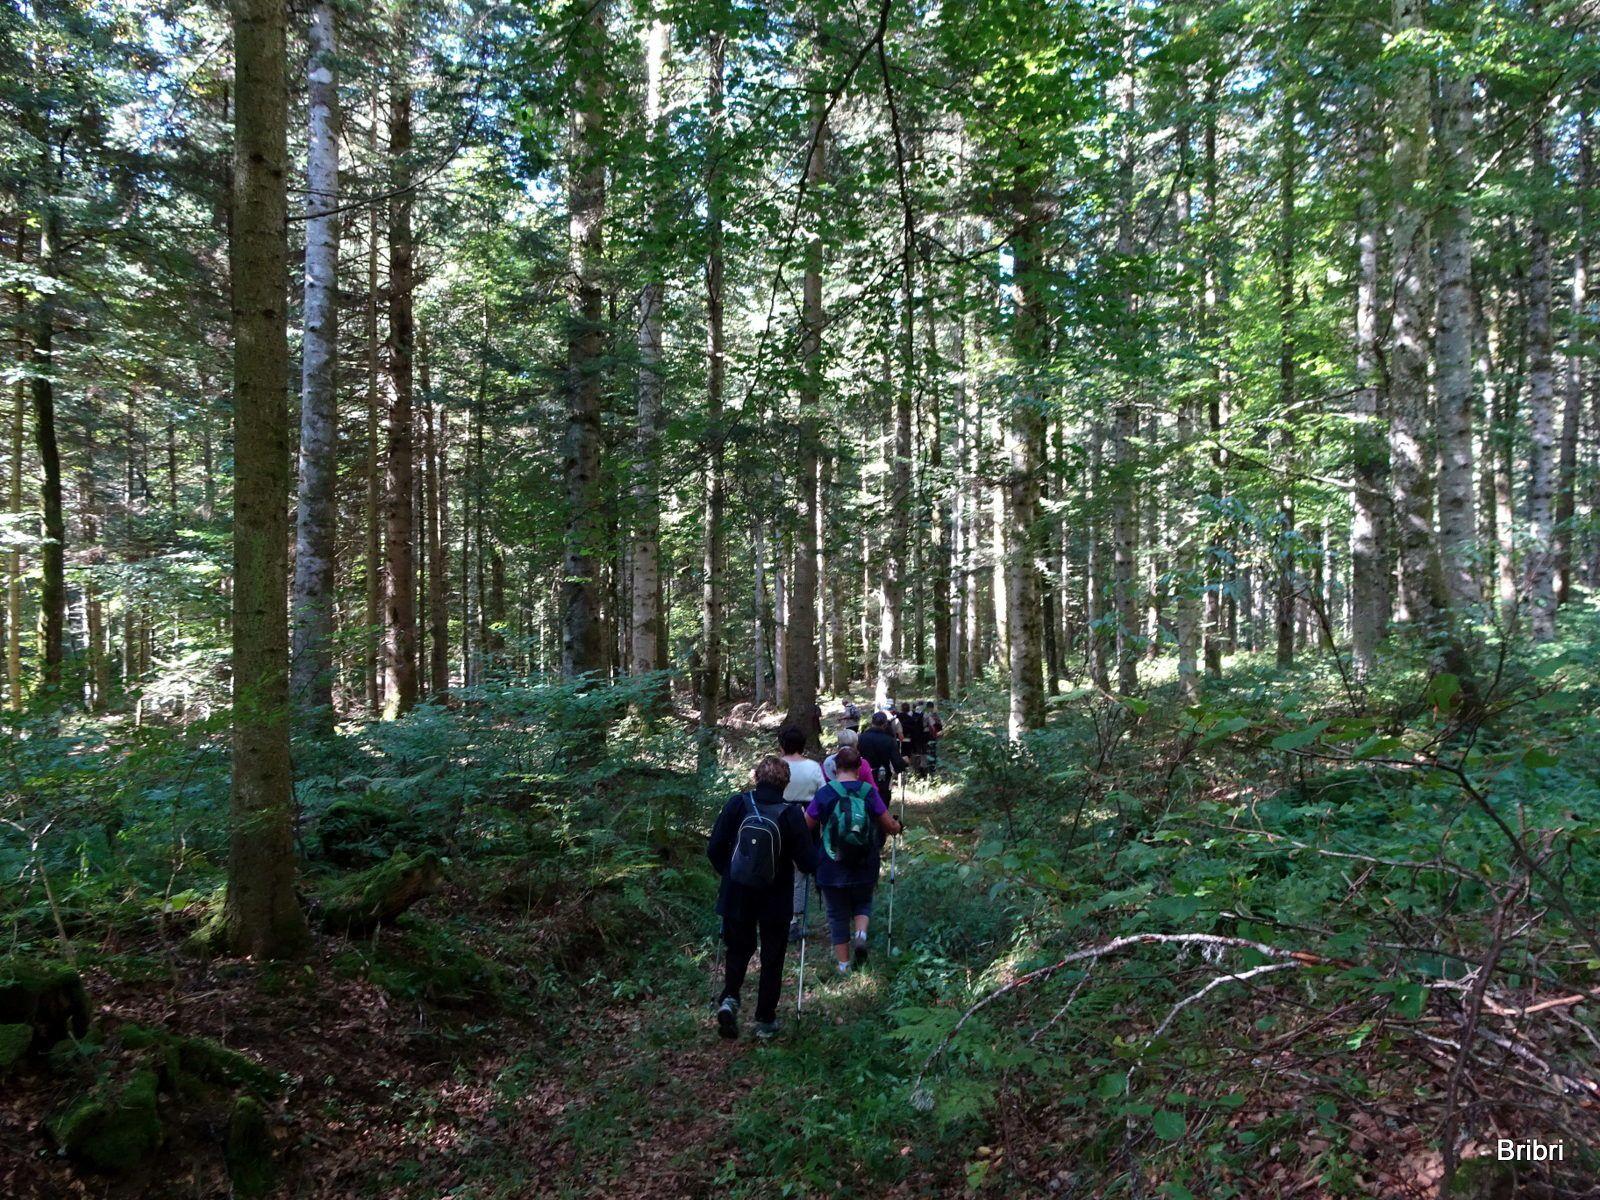 La descente continue en forêt.